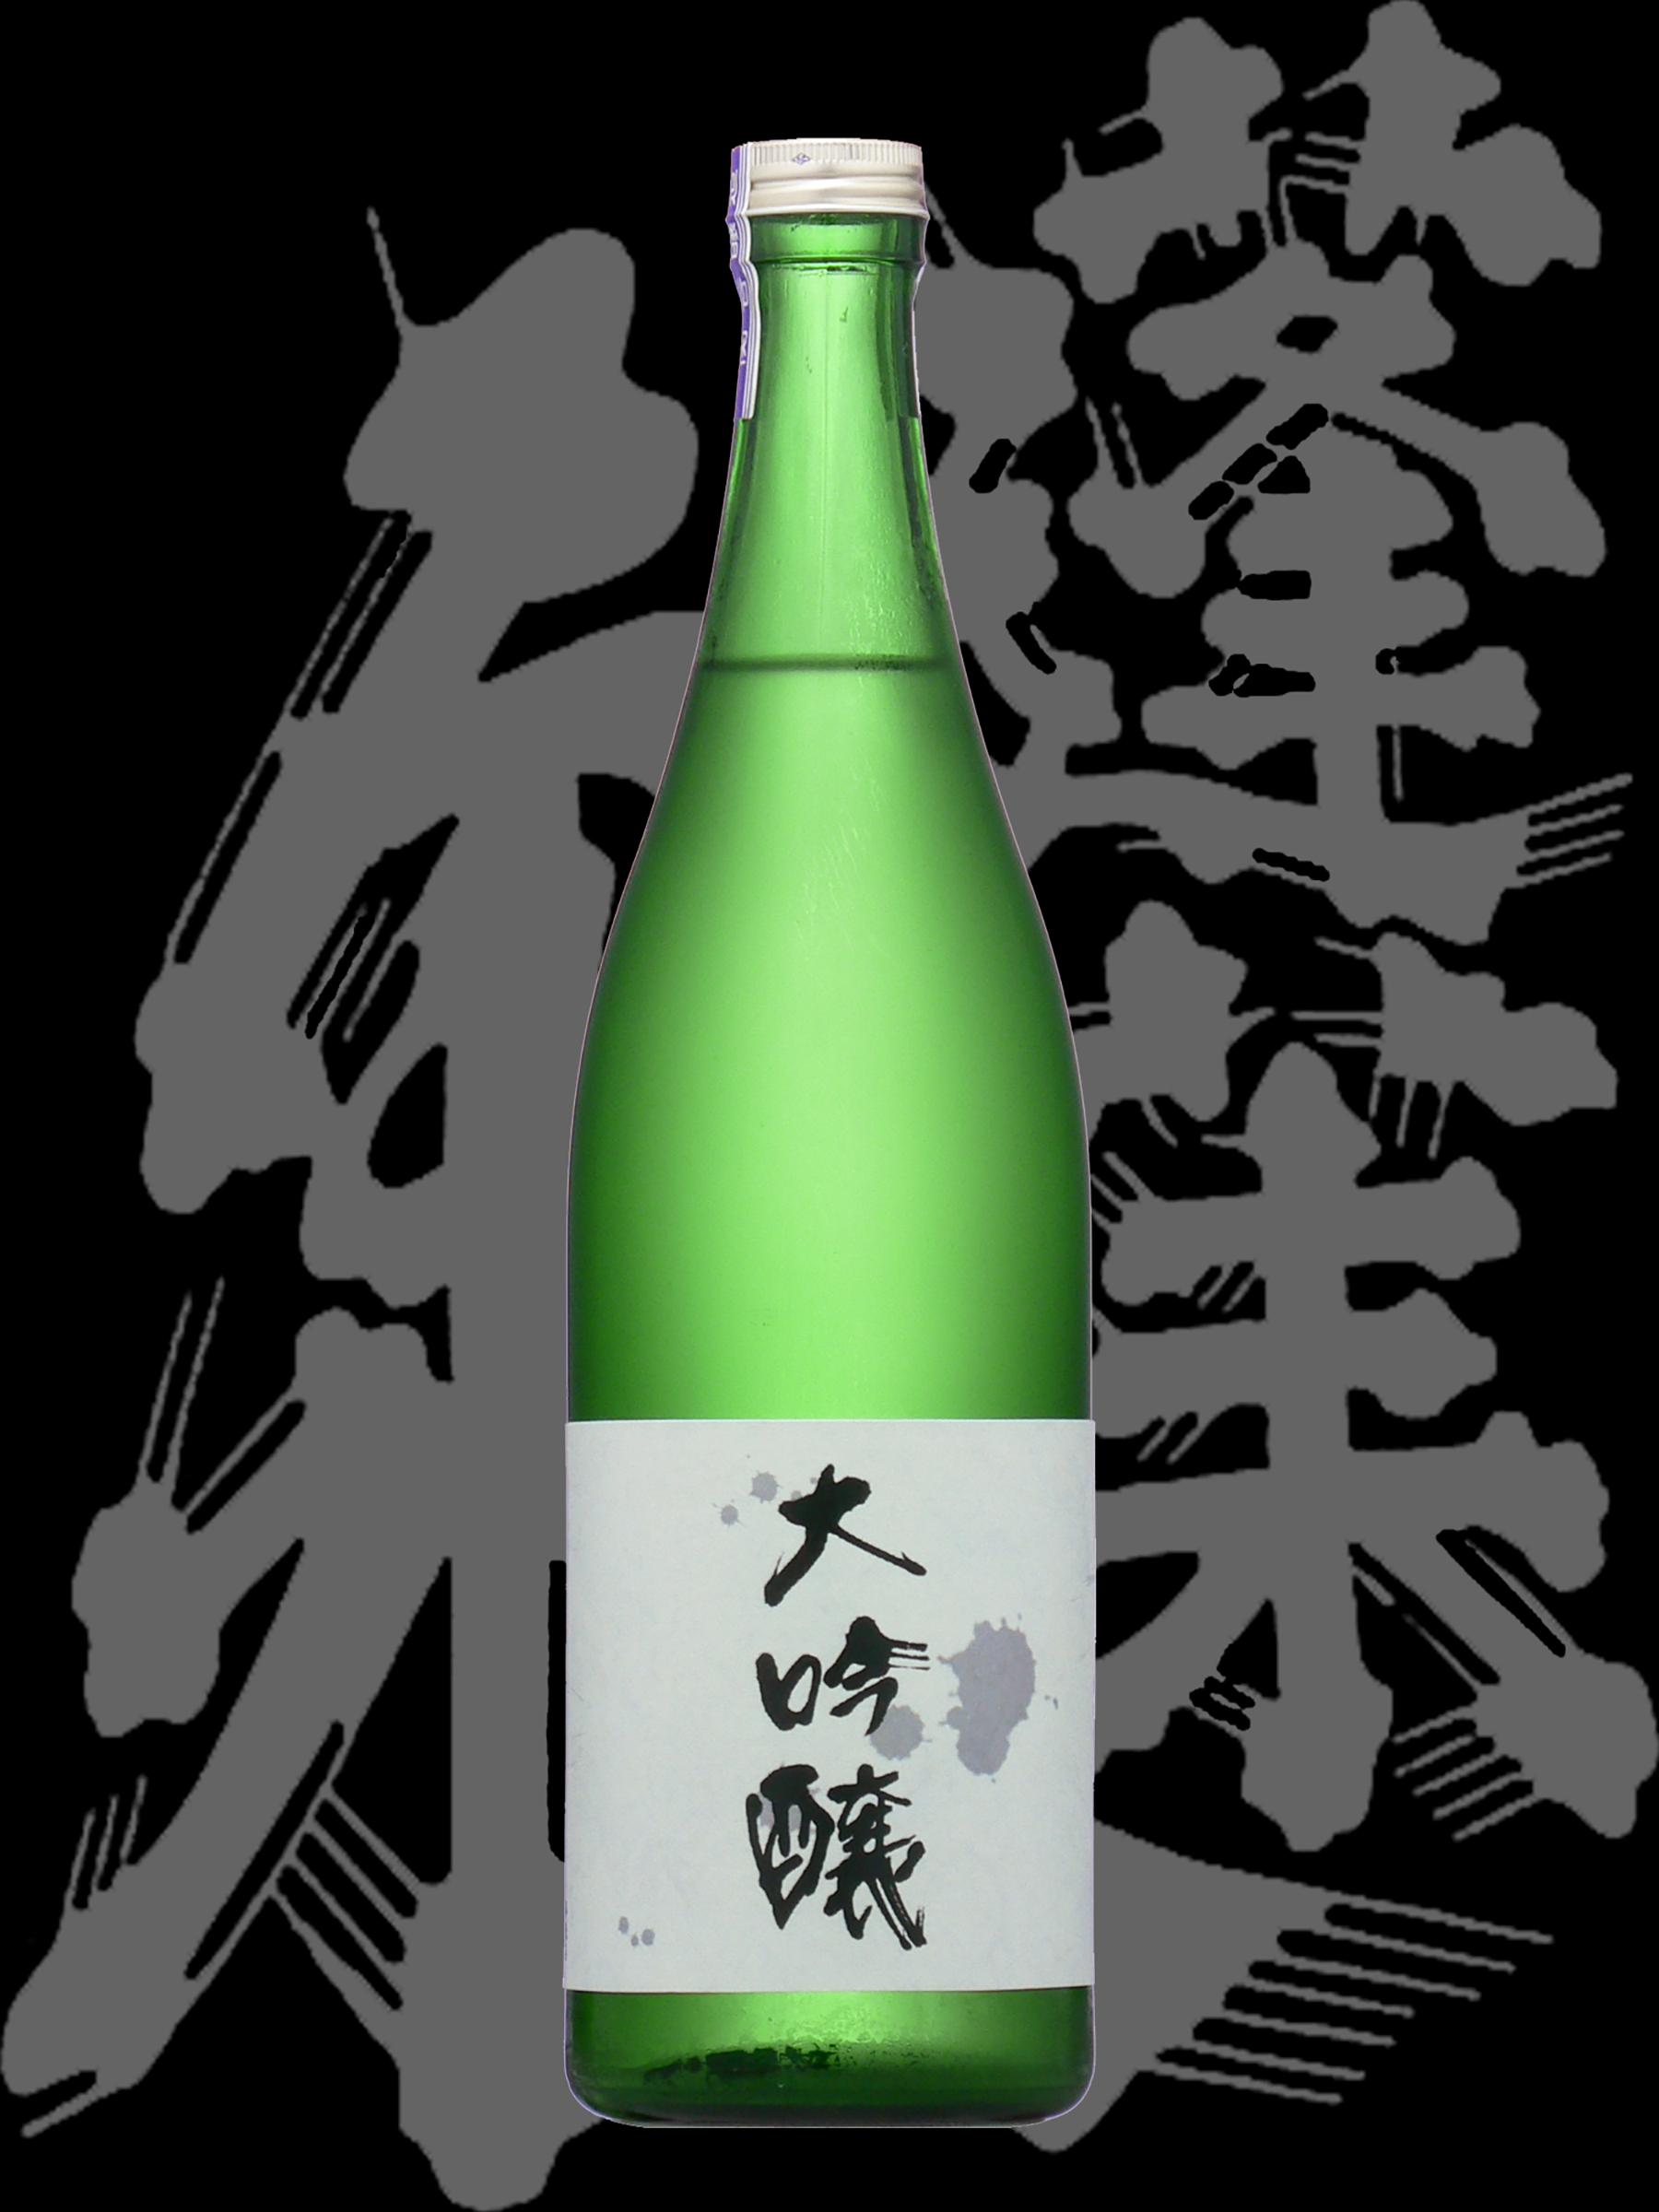 ほうらいせん吟醸工房(ほうらいせんぎんじょうこうぼう)「大吟醸」名古屋国税局優等賞受賞酒H16BY